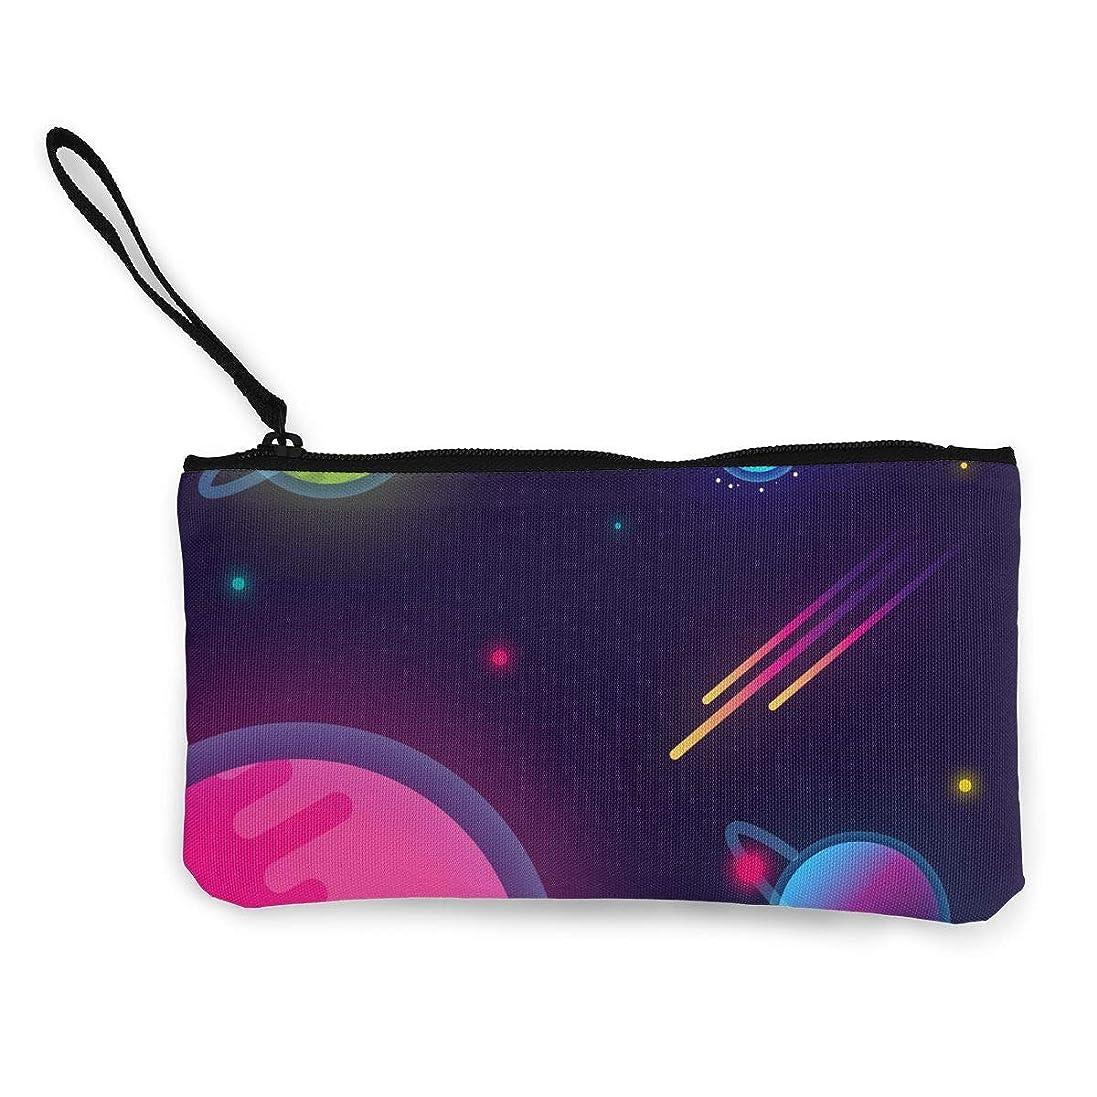 女性解決入射ErmiCo レディース 小銭入れ キャンバス財布 宇宙の惑星 小遣い財布 財布 鍵 小物 充電器 収納 長財布 ファスナー付き 22×12cm